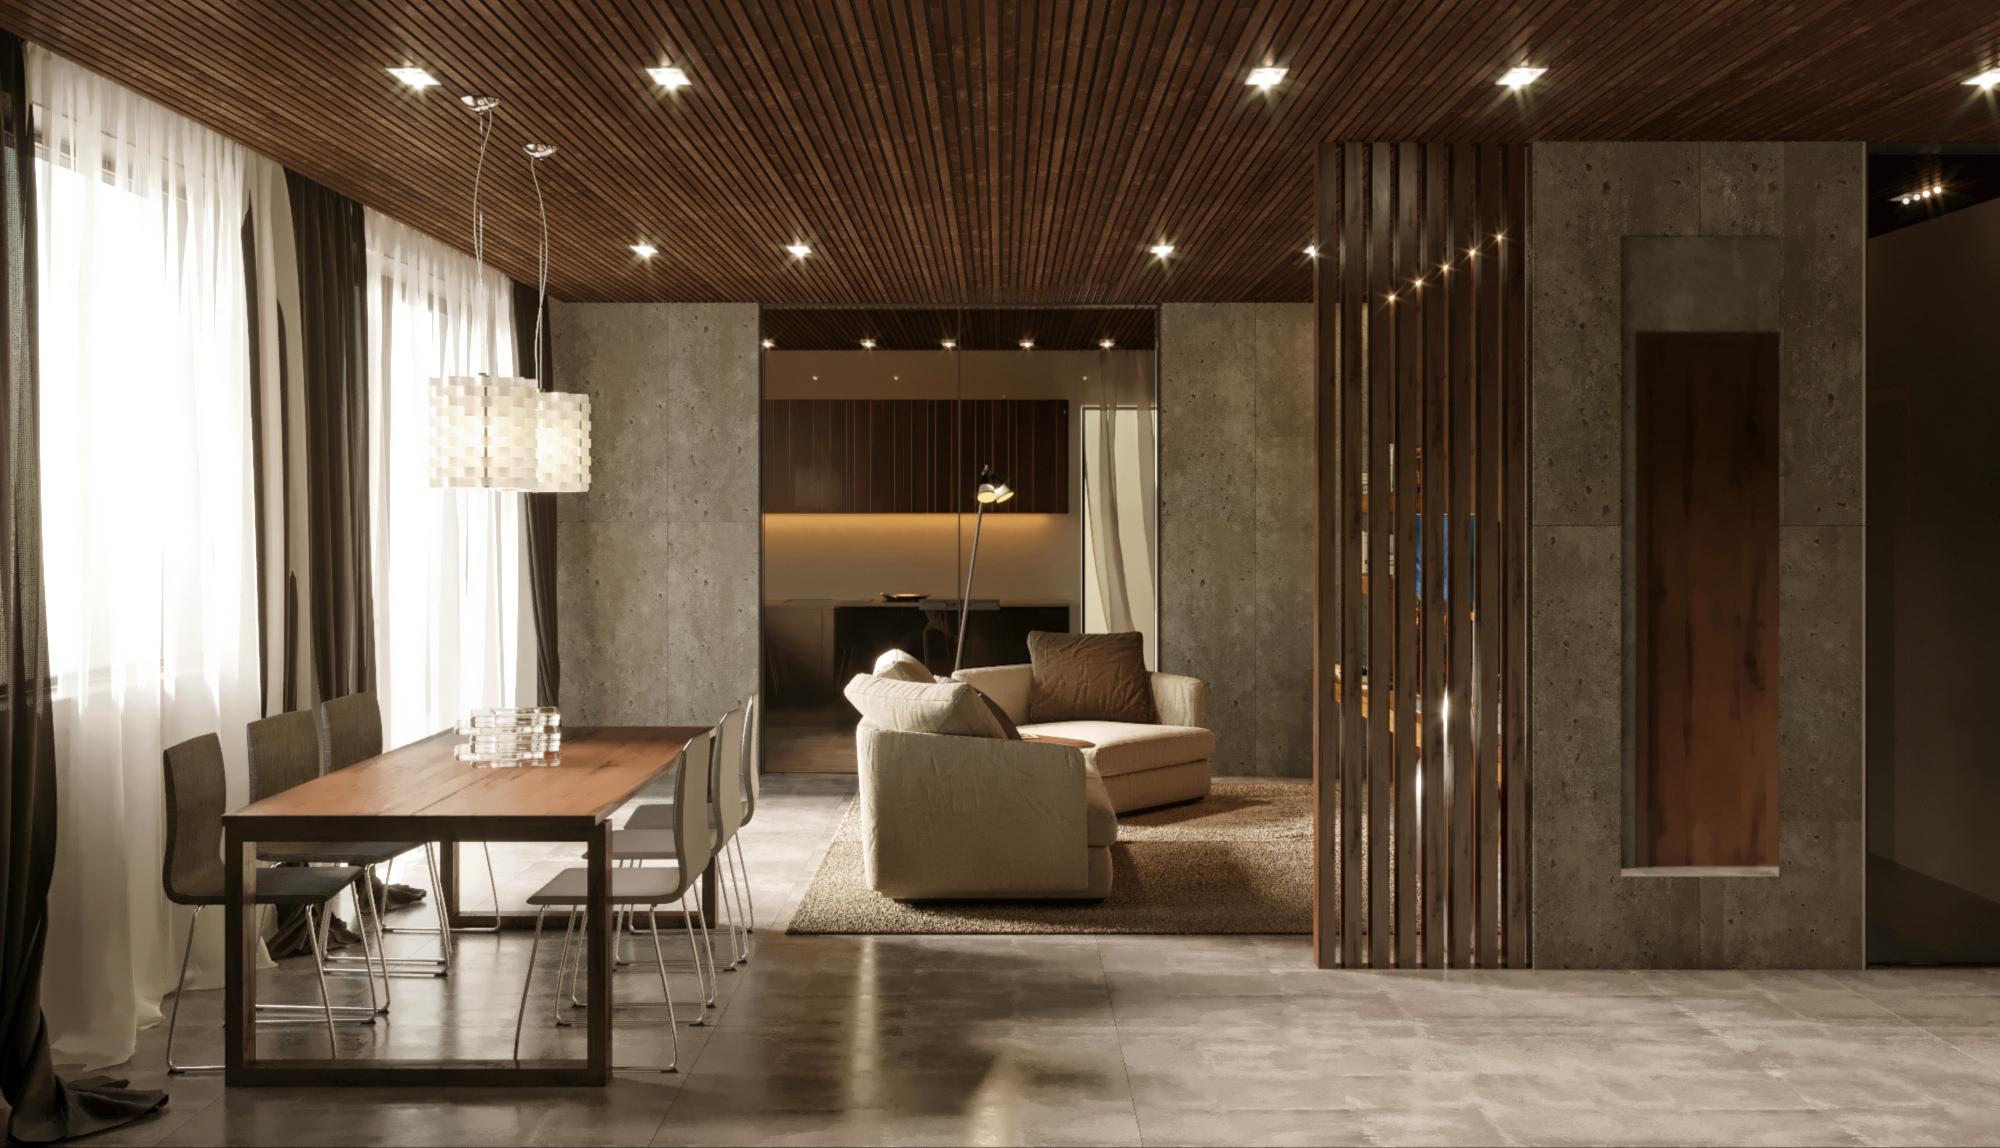 Progettazione interni di design la qualit solo su misura for Architetto interni